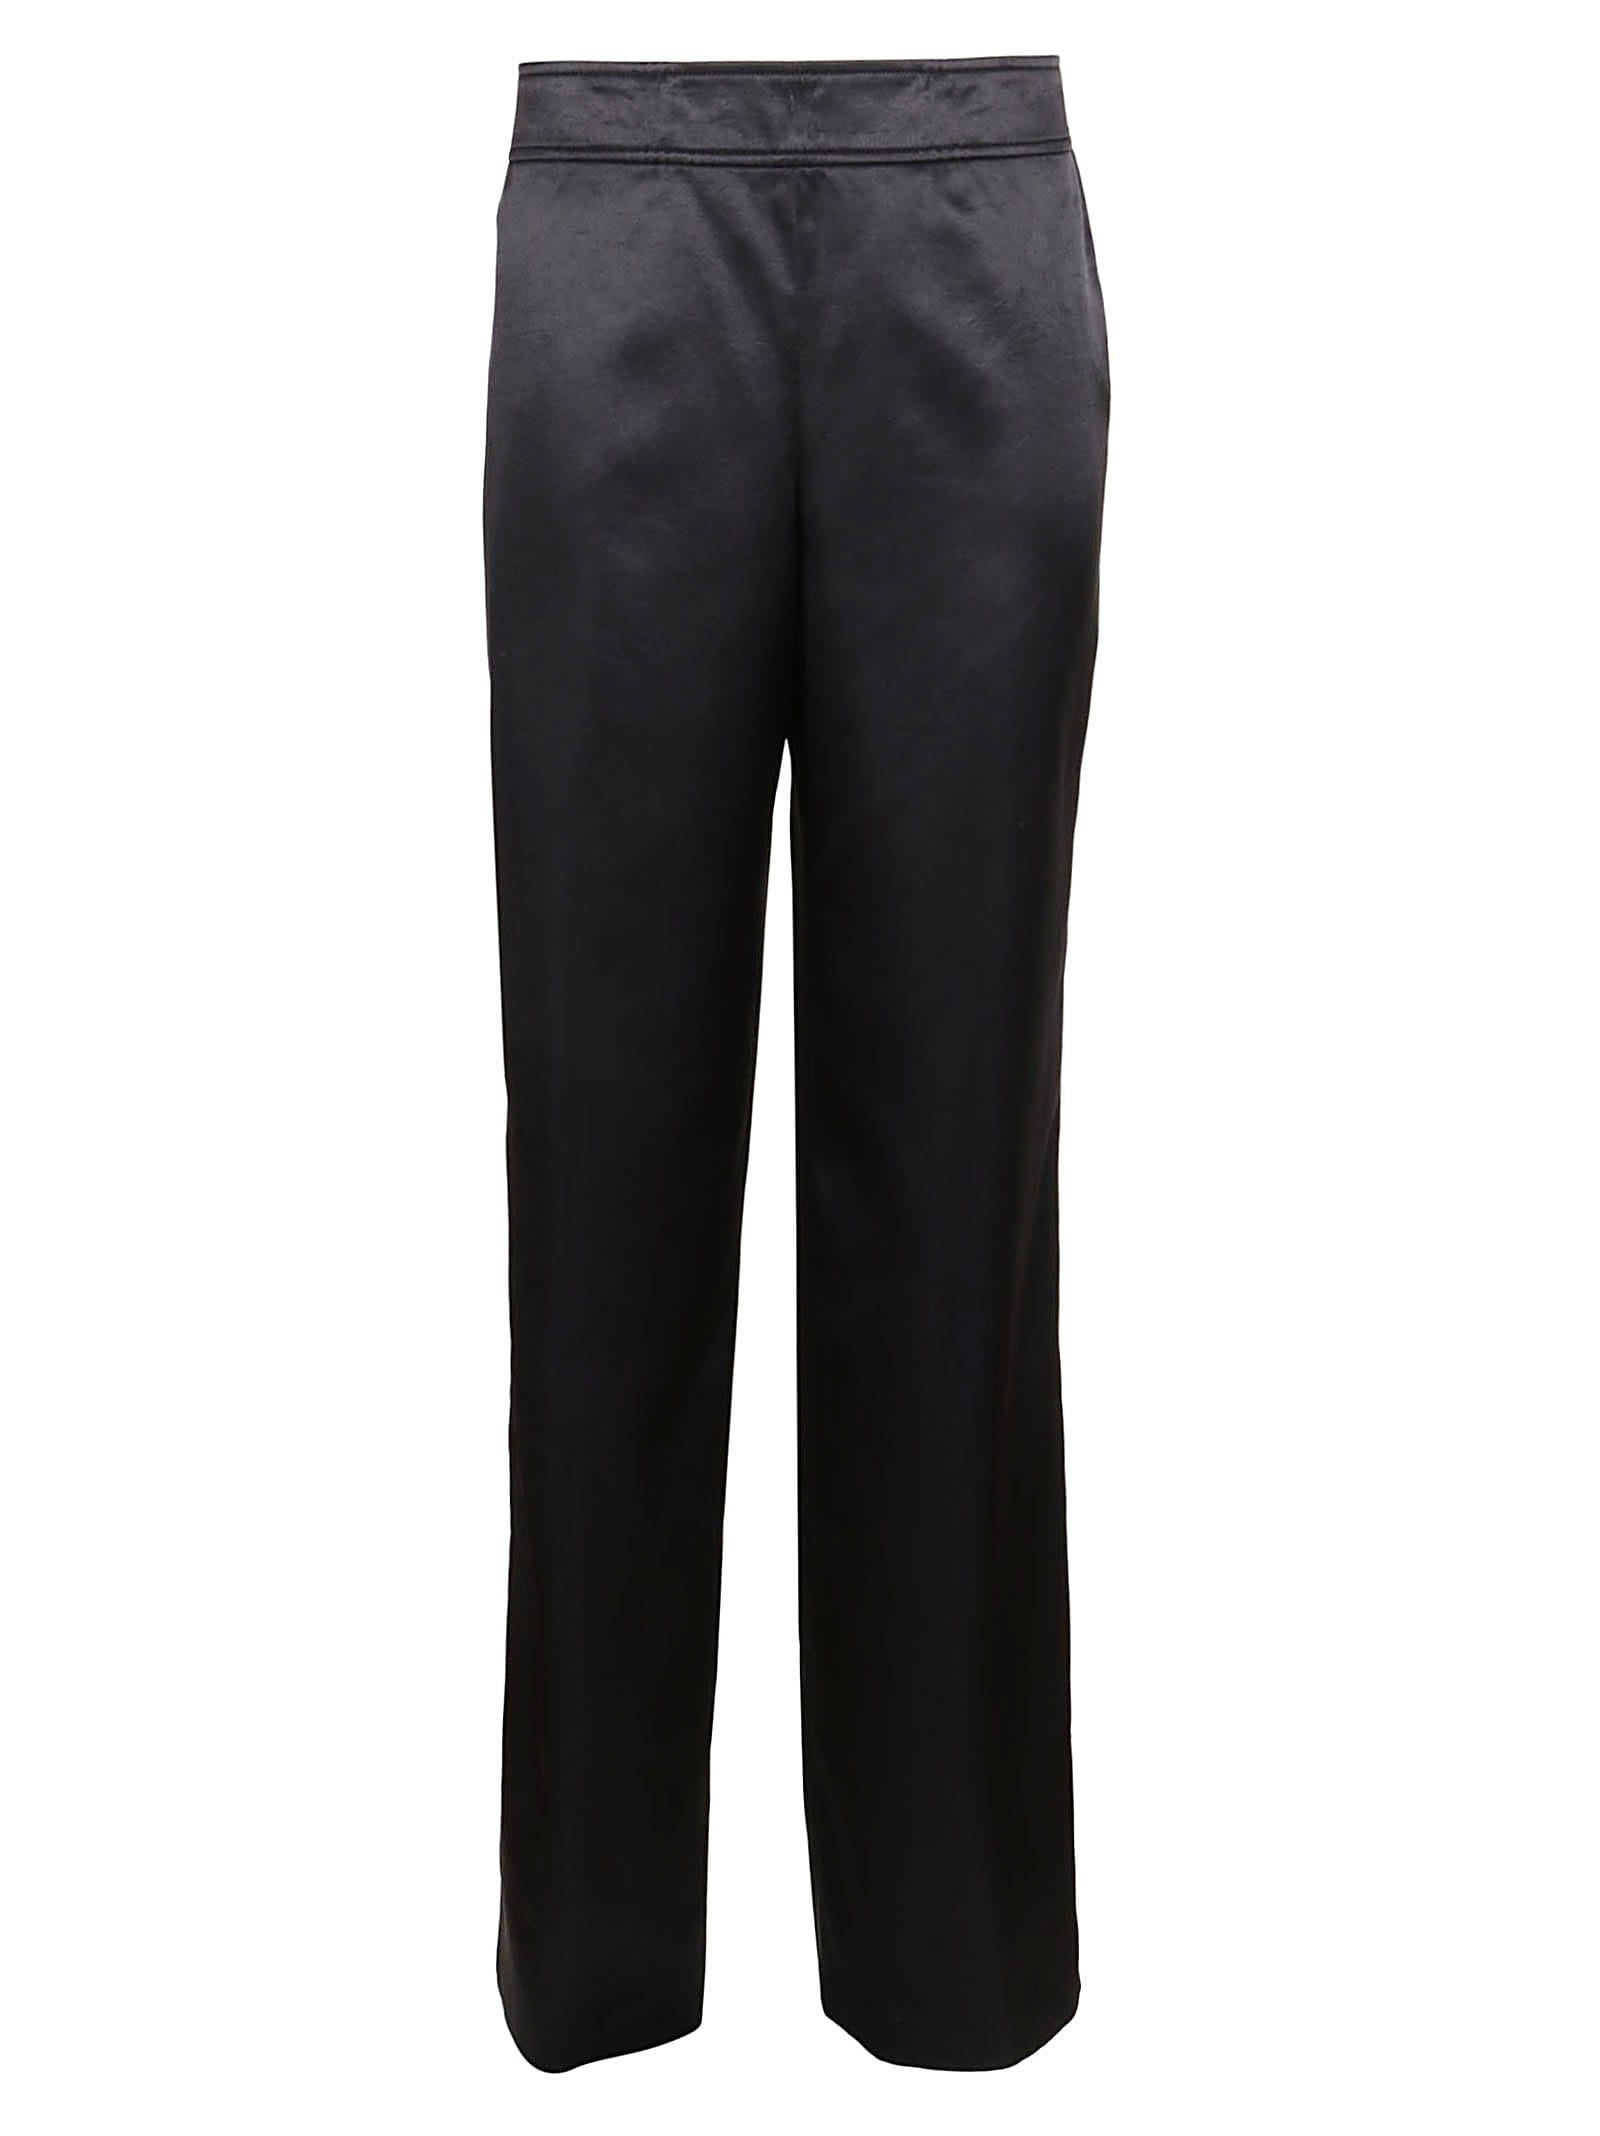 Jil Sander Trouser O 12 Aw 29 - Techno Crinkled Satin